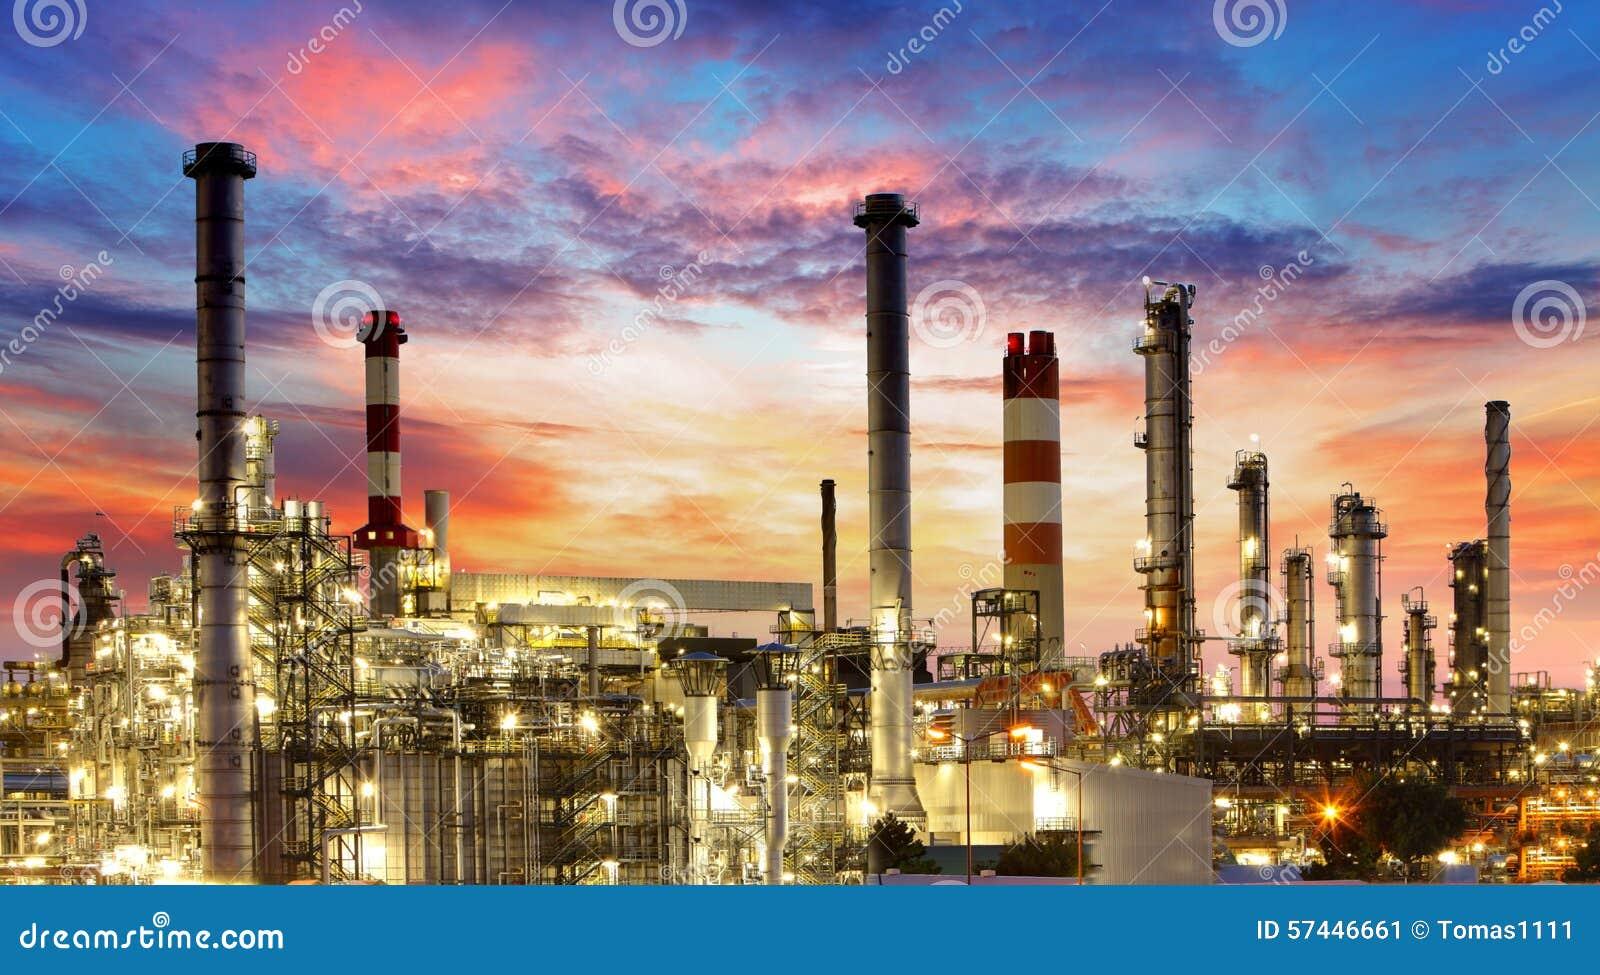 Olio e industria del gas - raffineria, fabbrica, centrale petrolchimica